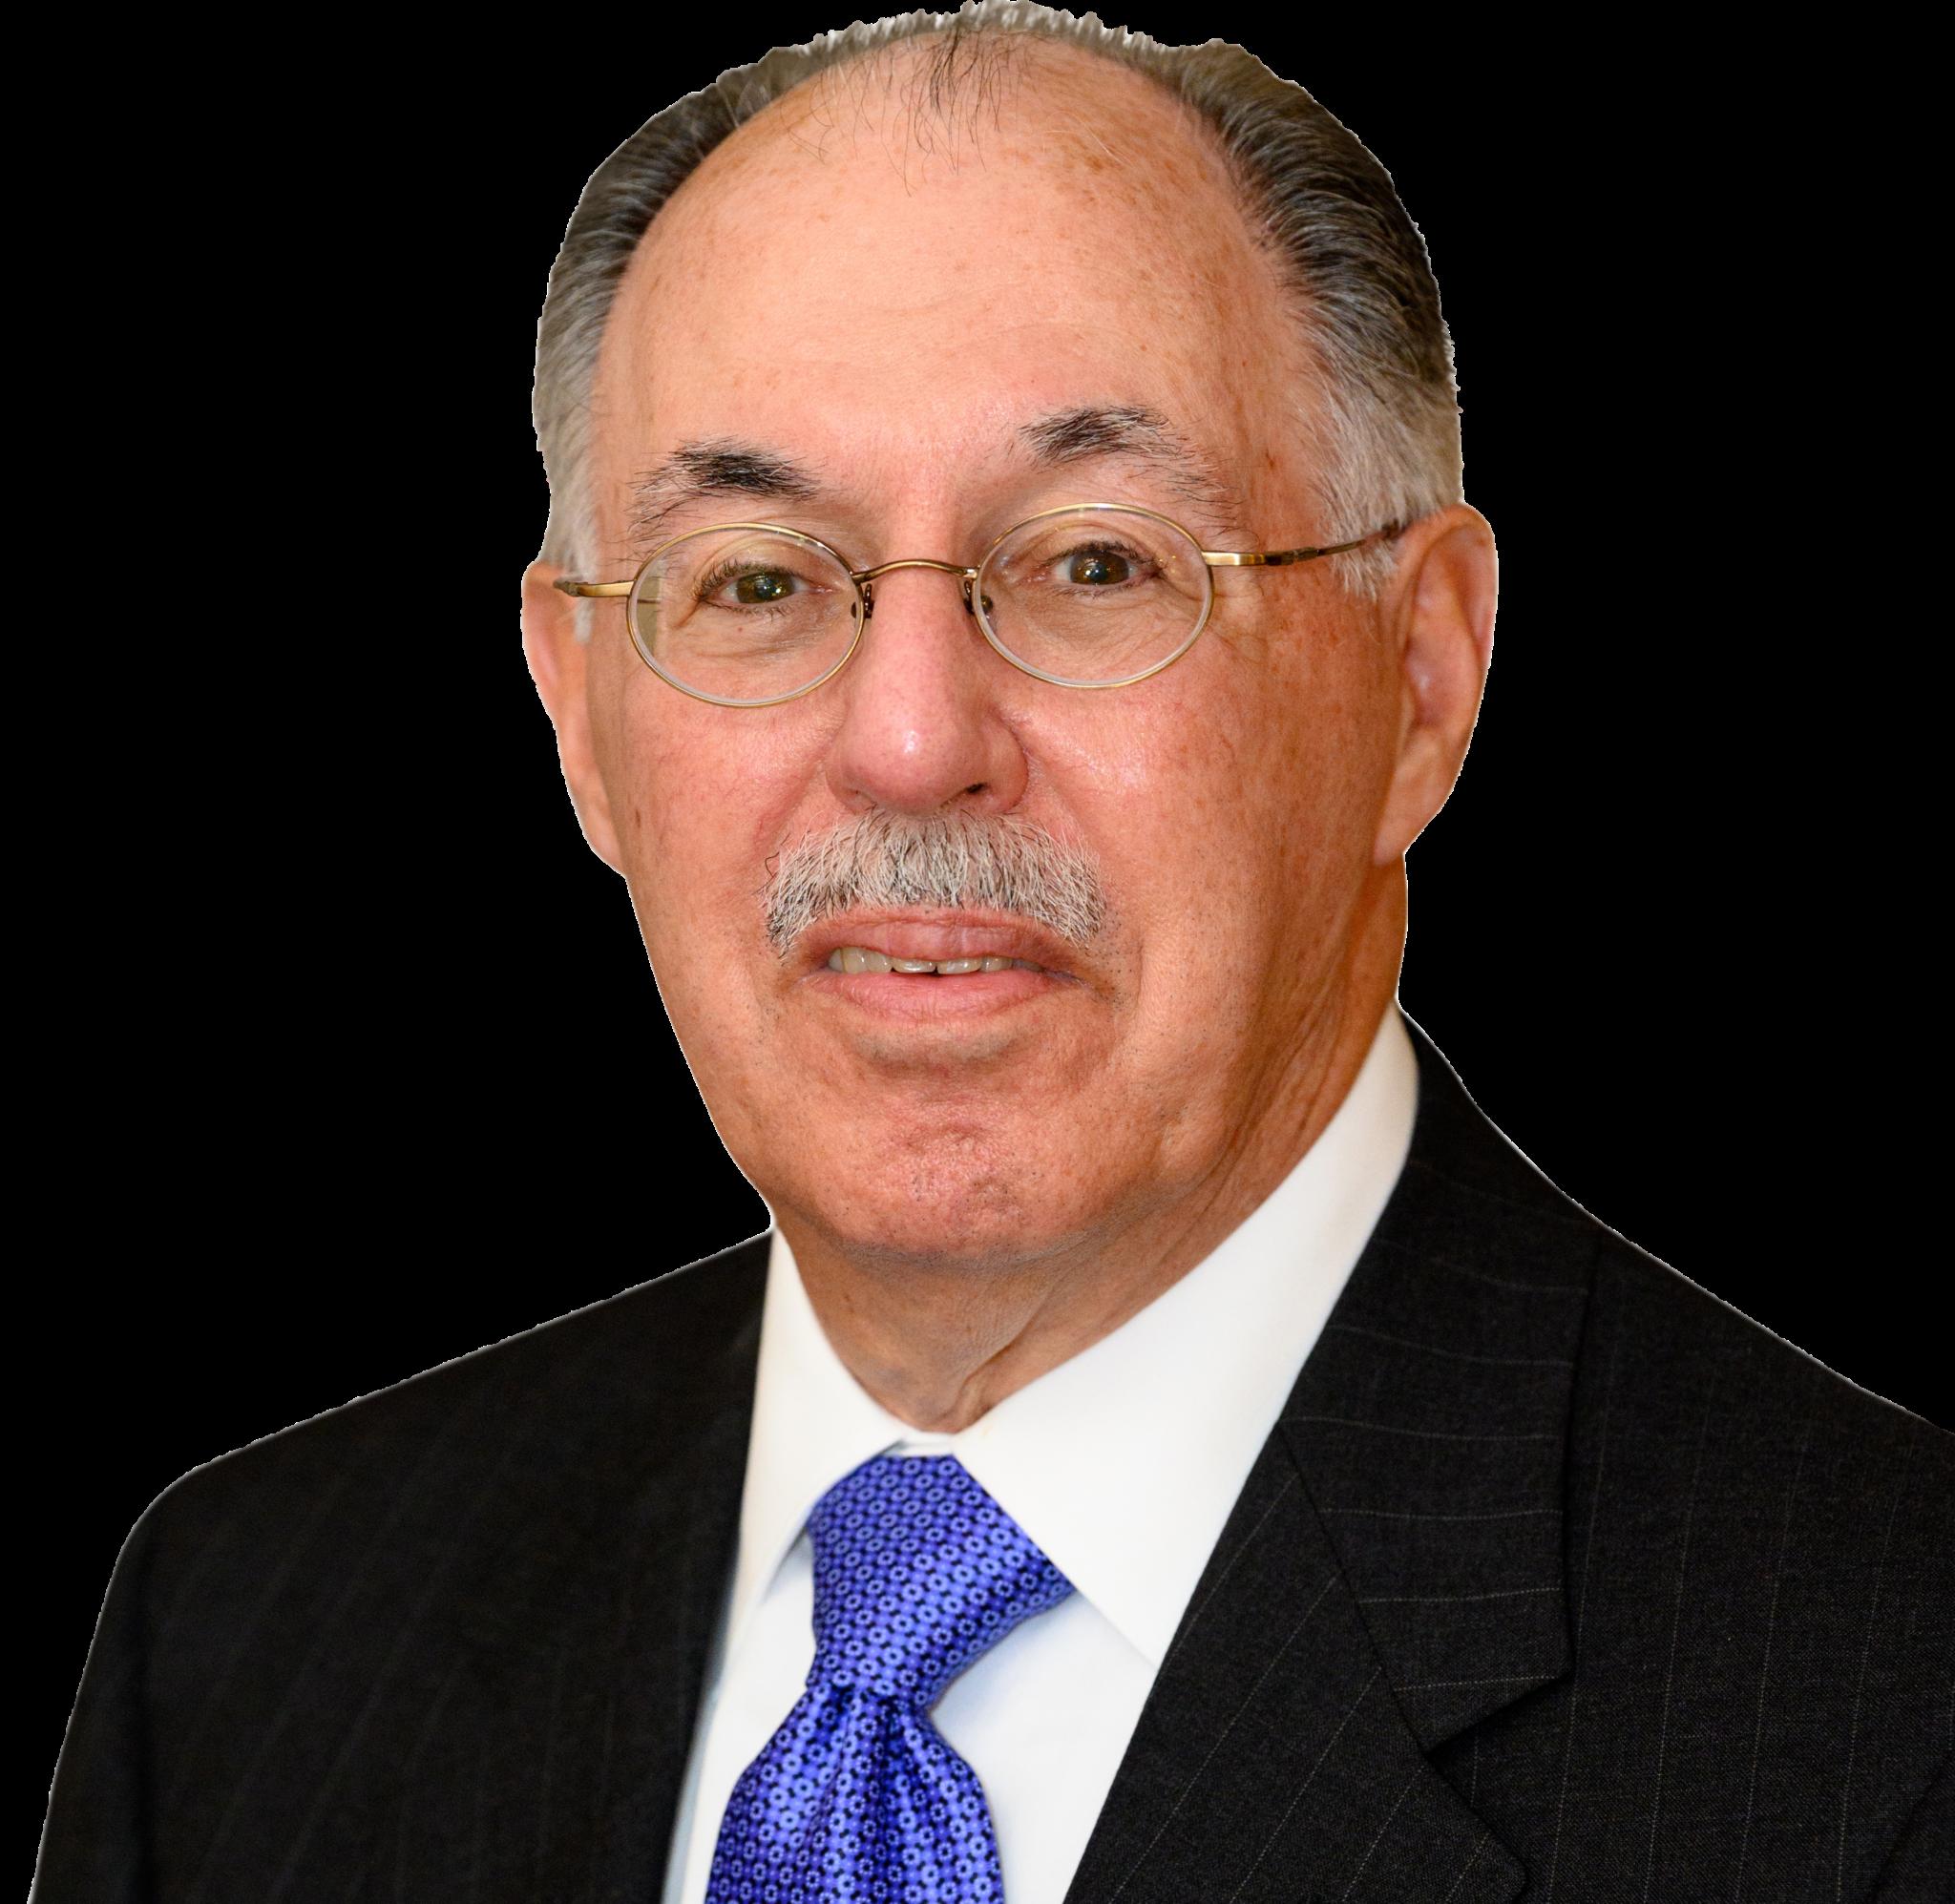 Robert A. Pugliese